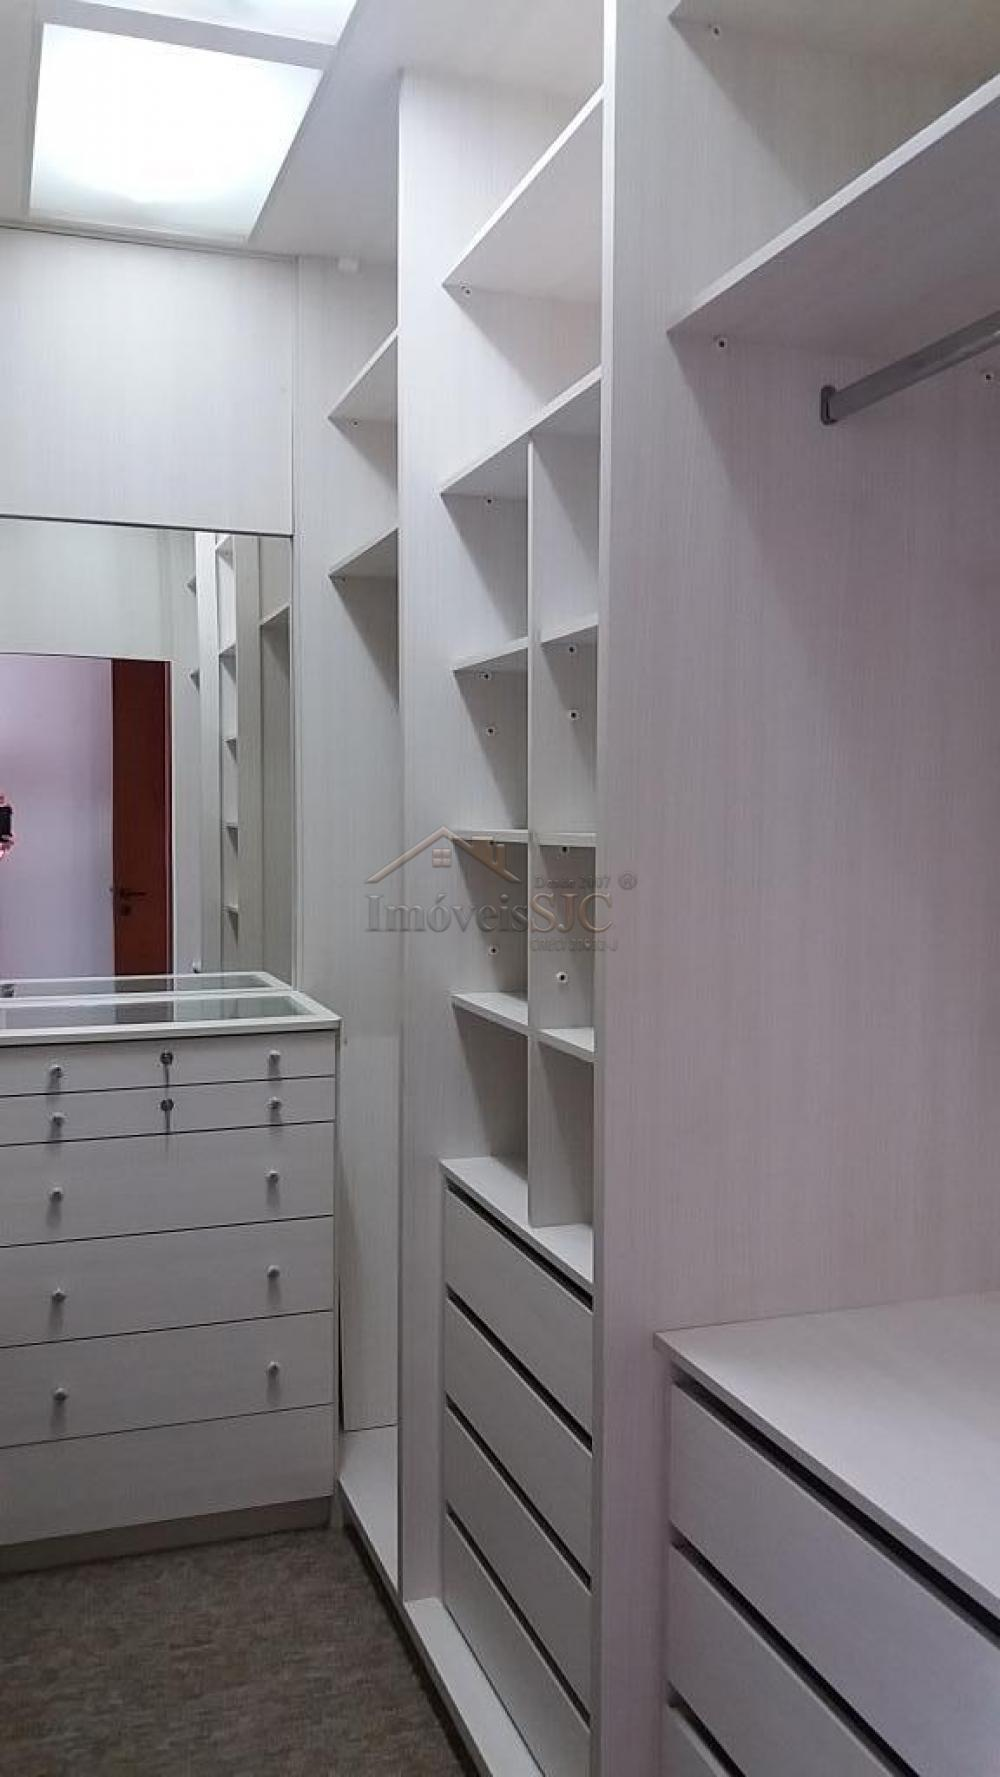 Comprar Apartamentos / Padrão em São José dos Campos apenas R$ 585.000,00 - Foto 3